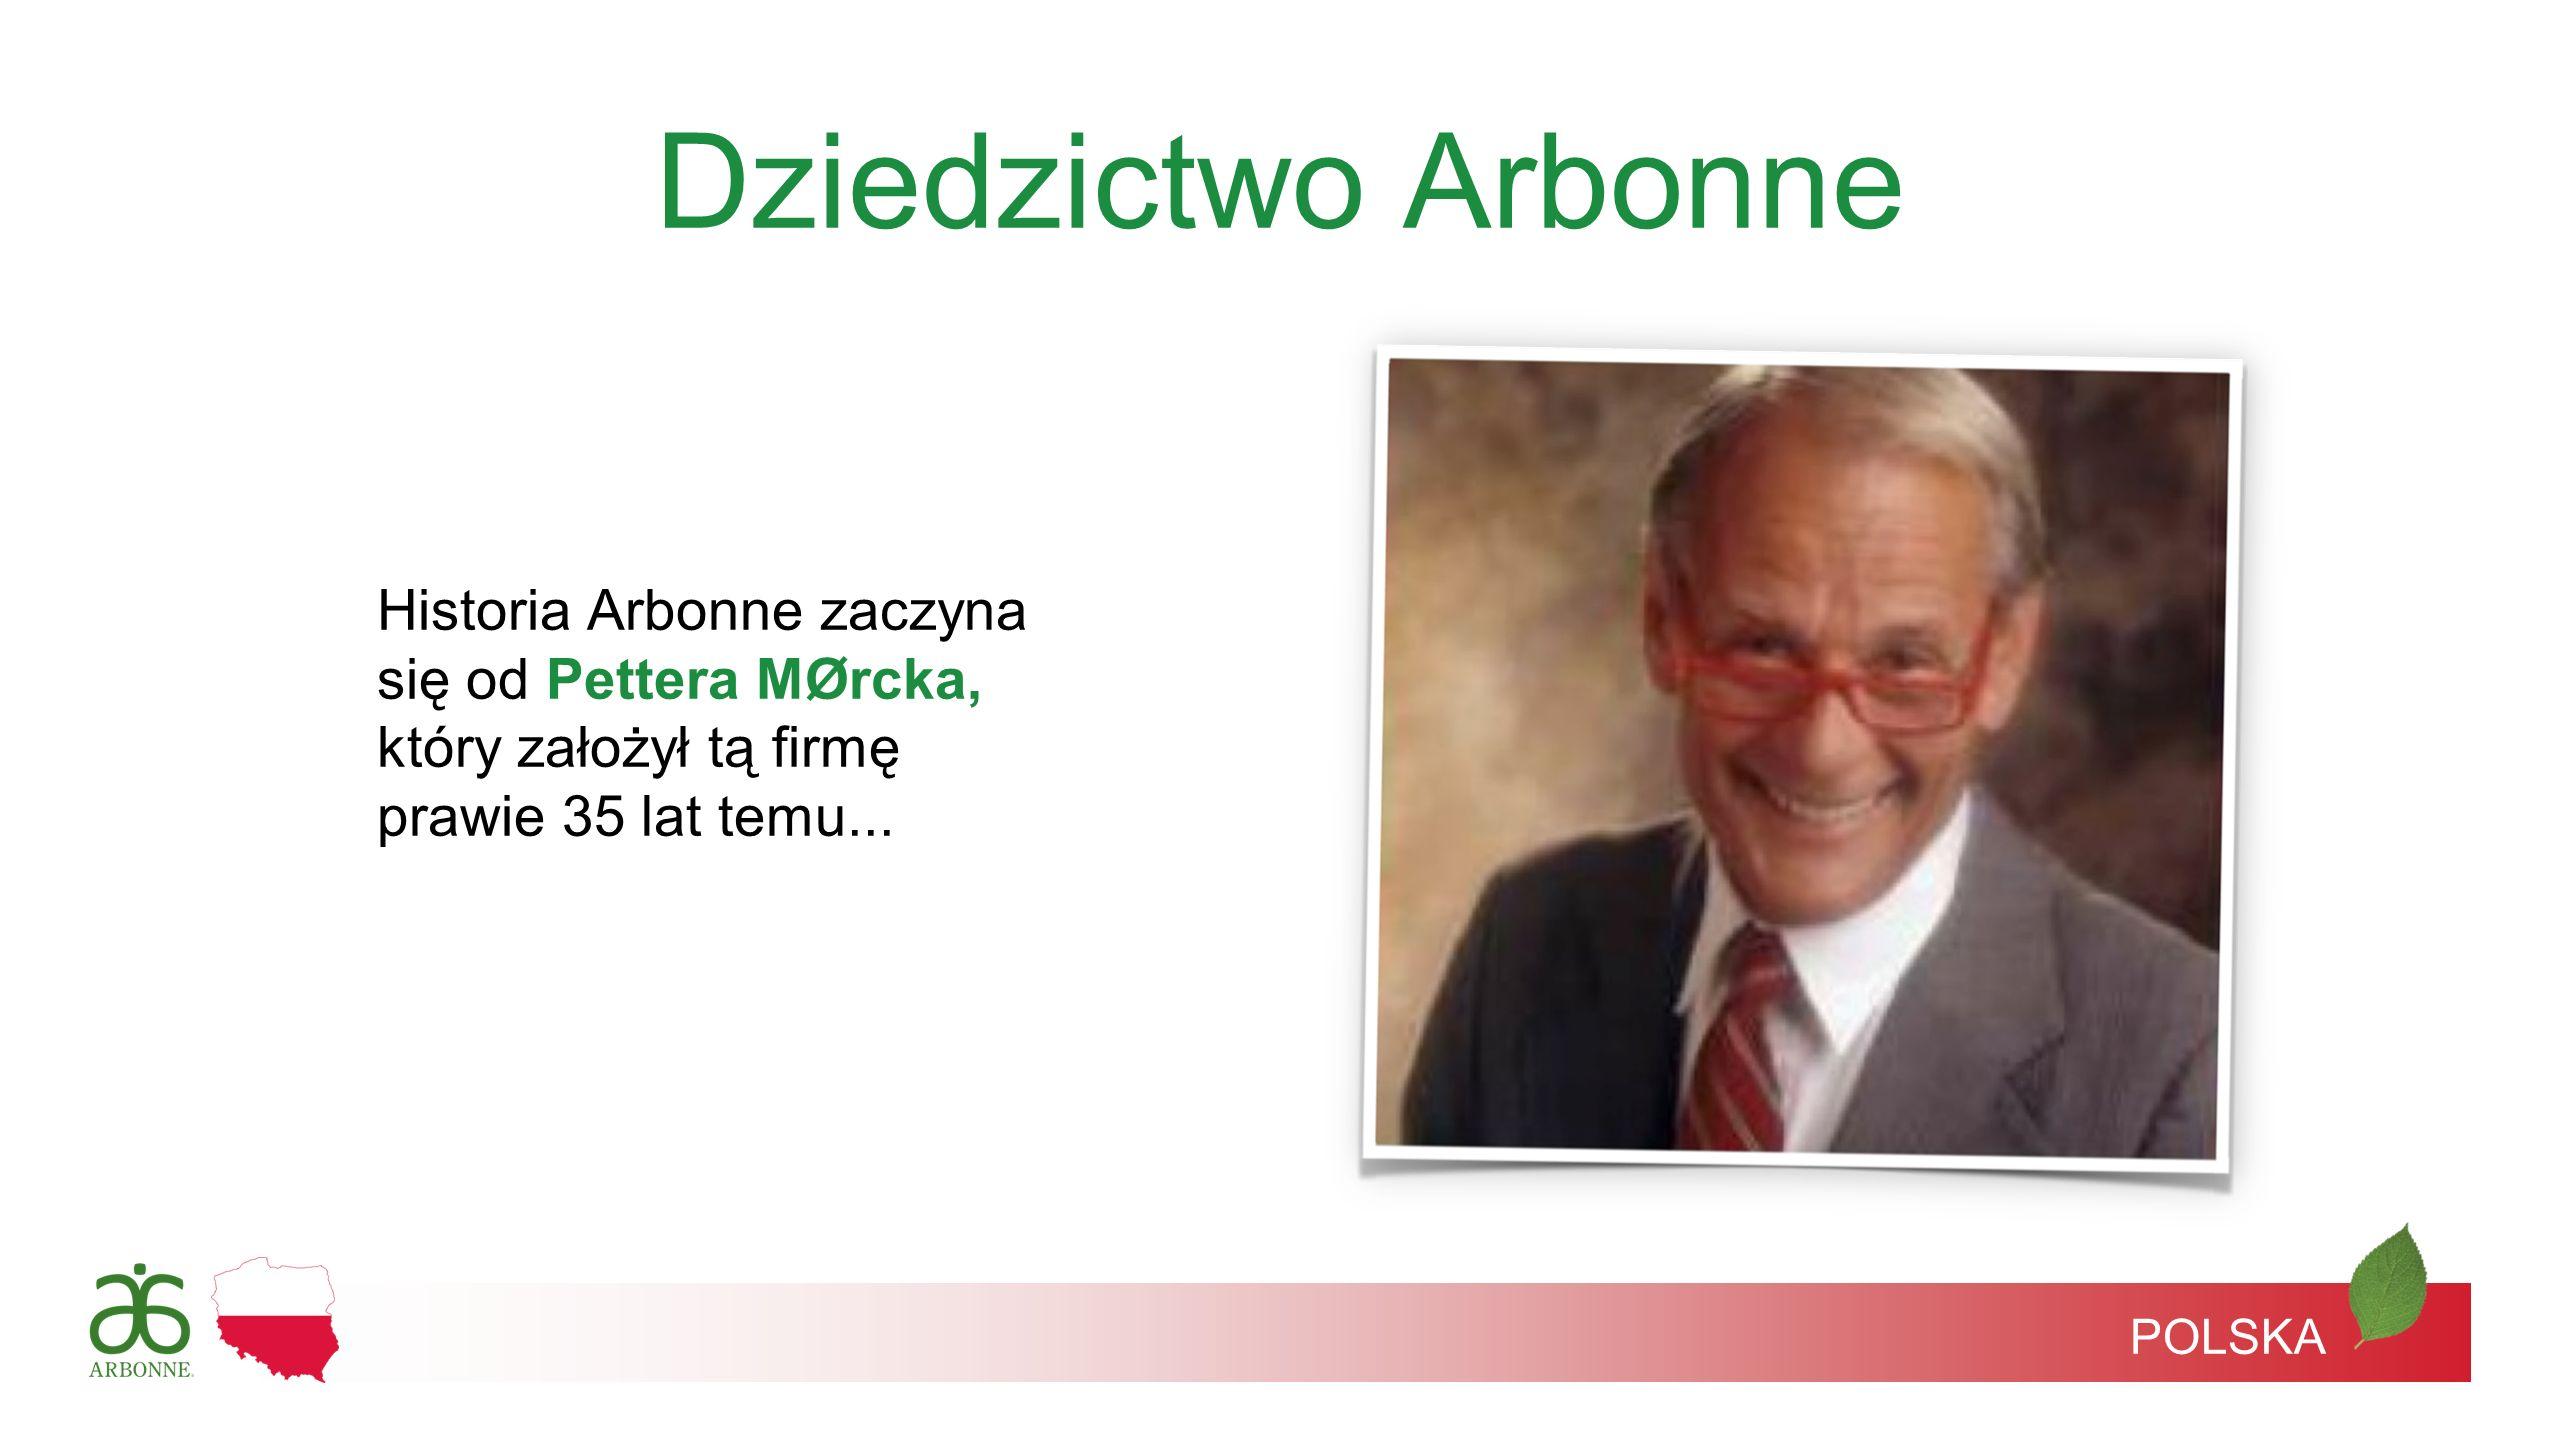 Dziedzictwo Arbonne Historia Arbonne zaczyna się od Pettera MØrcka, który założył tą firmę prawie 35 lat temu... POLSKA